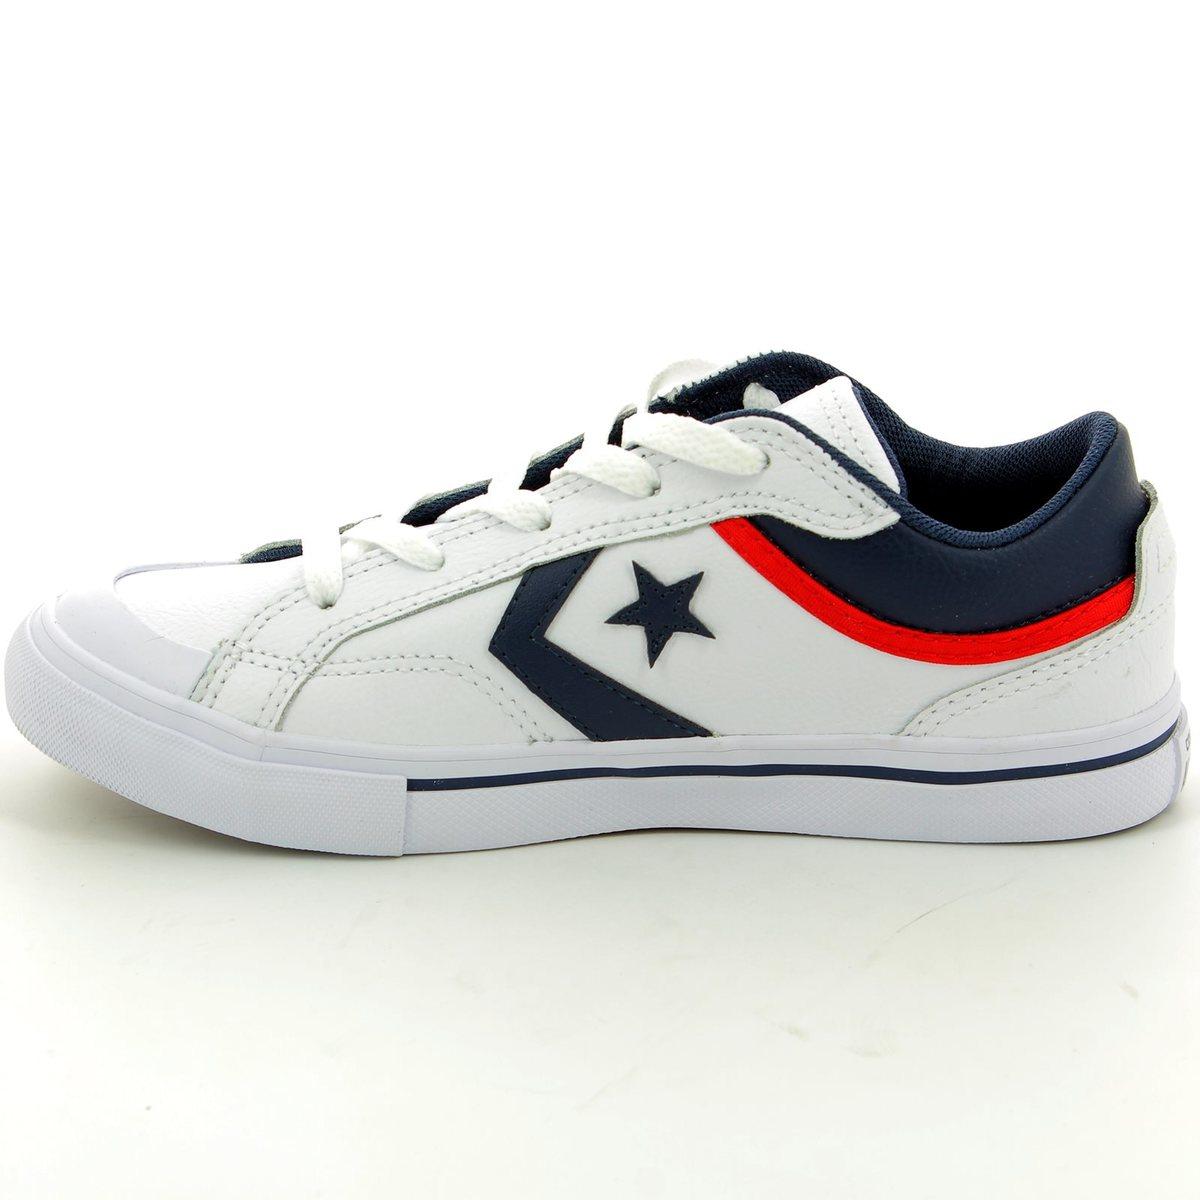 82793117e6d0 Converse Trainers - White multi - 656103C Pro Blaze OX White